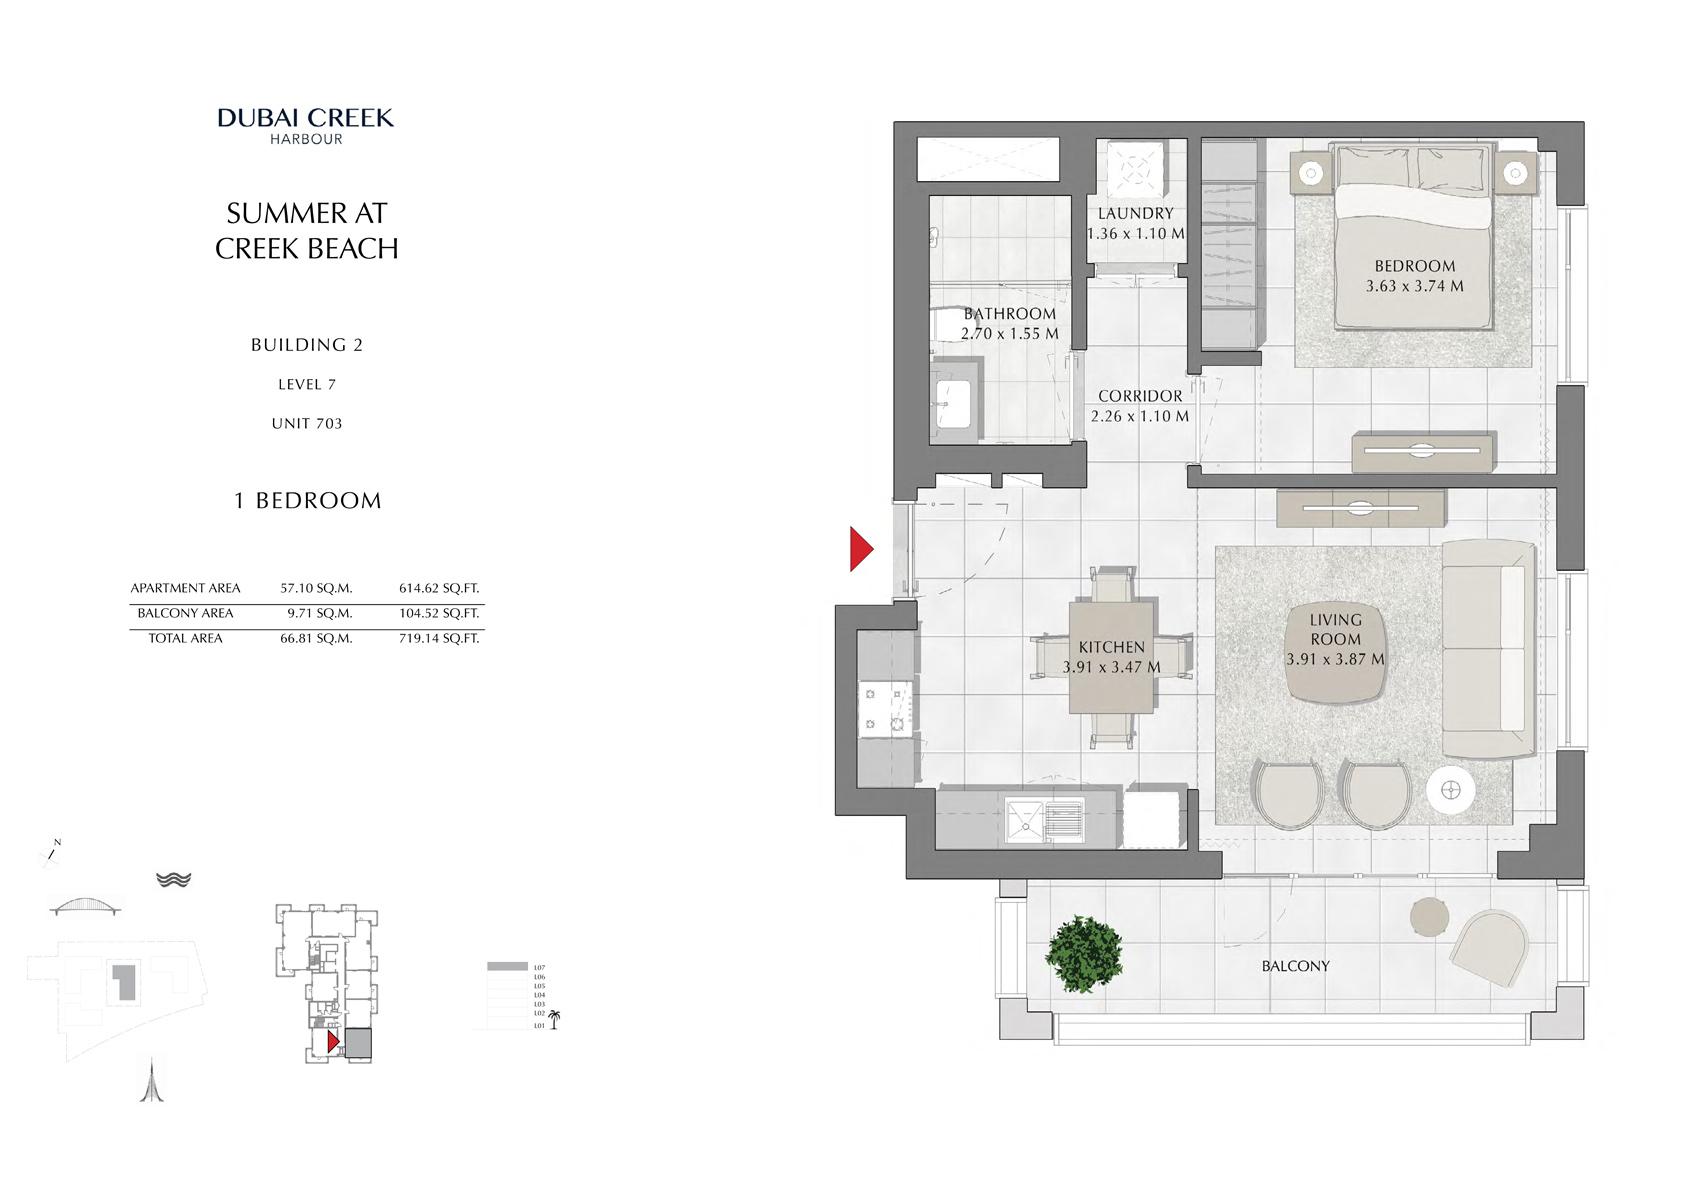 1 Br Building 2 Level 7 Unit 703, Size 719 Sq Ft